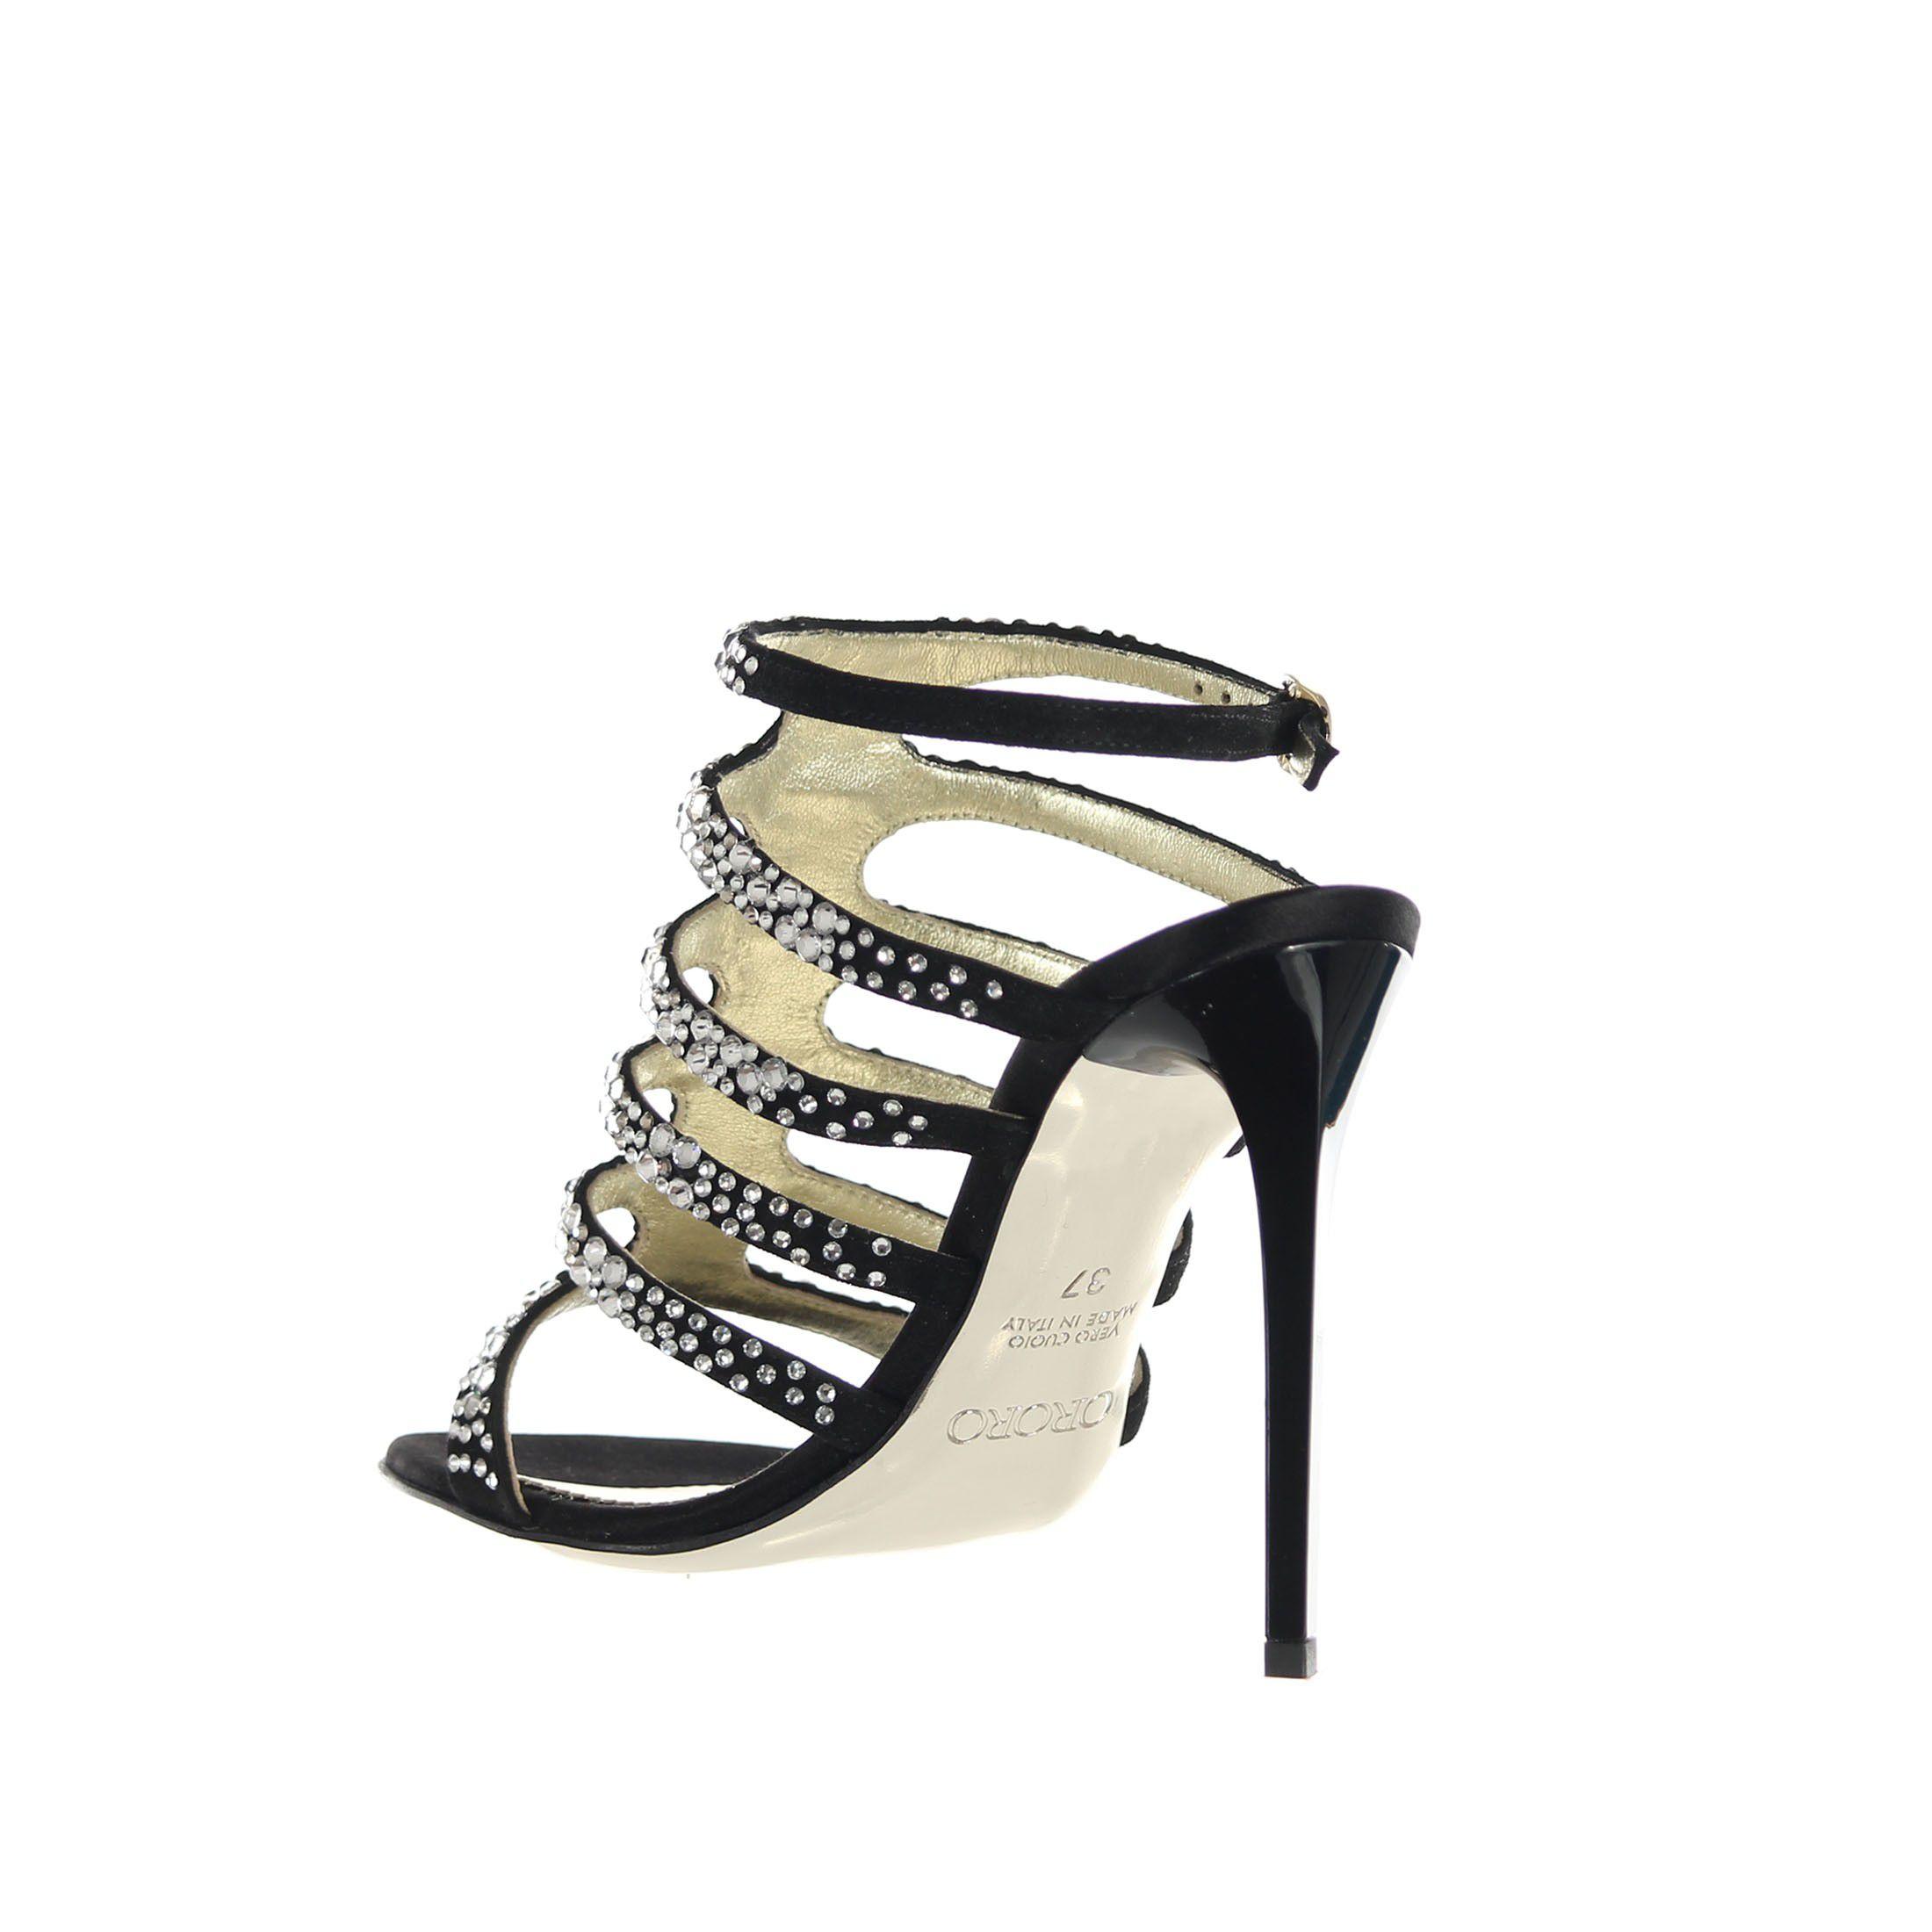 Ororo sandalo in suede  da donna